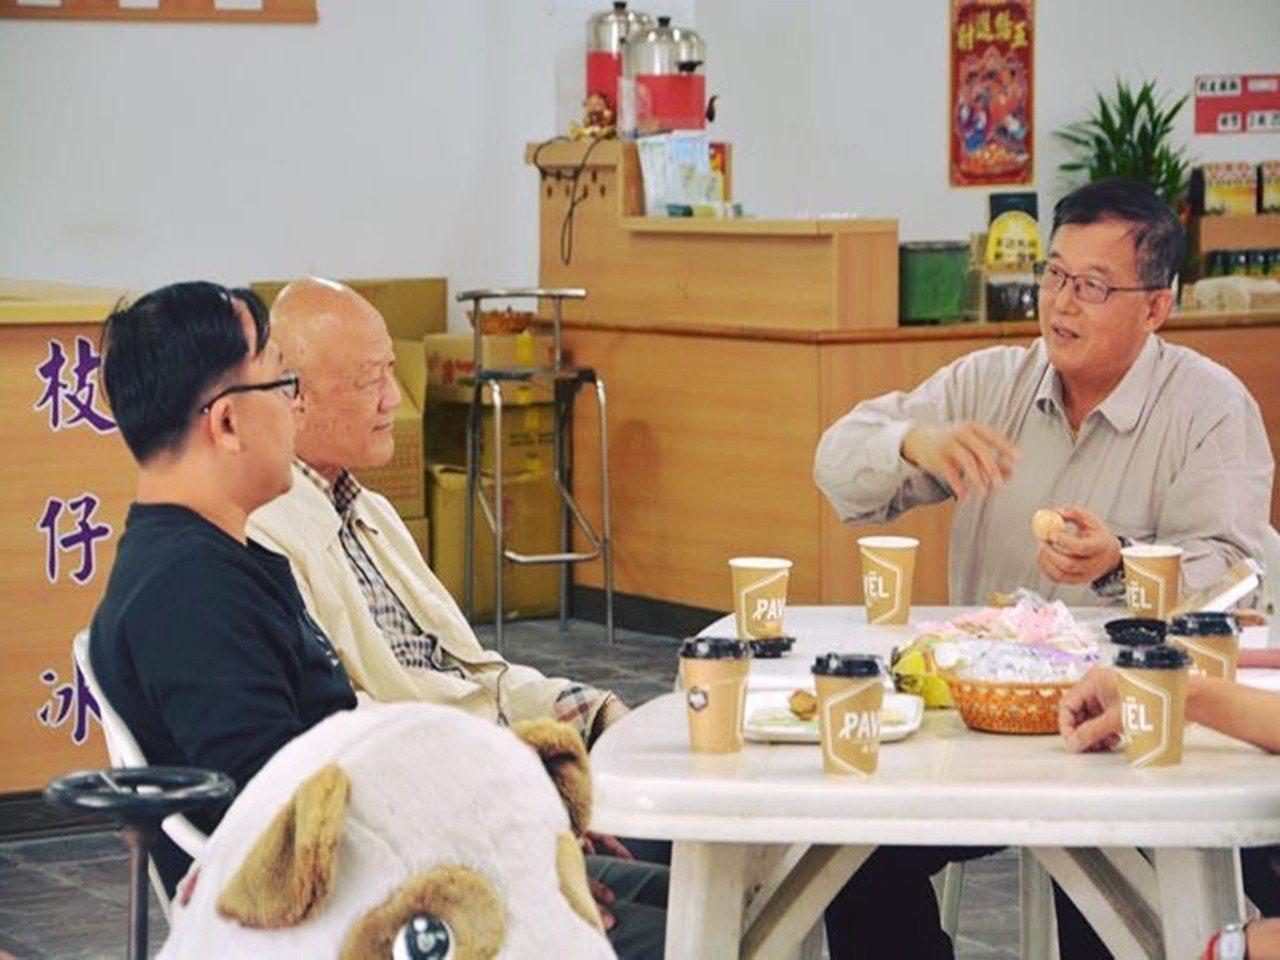 台東縣農業處長許瑞貴(右)昨天關山地方意見領袖會談並爭取支持,他要以台東森林公園...